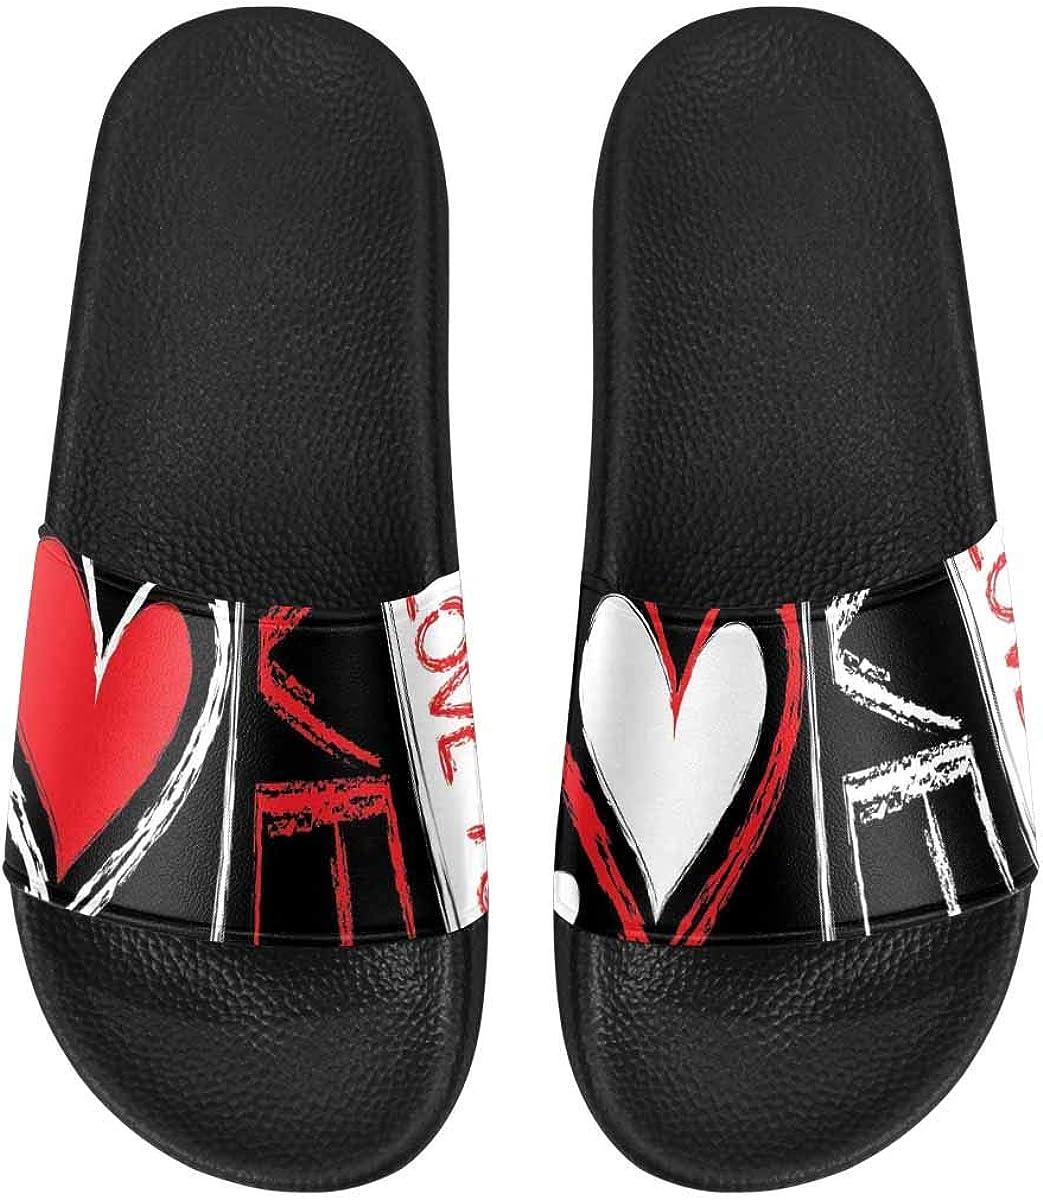 InterestPrint Women's Stylish Slipper Sandals for Summer Love Birds Flowers